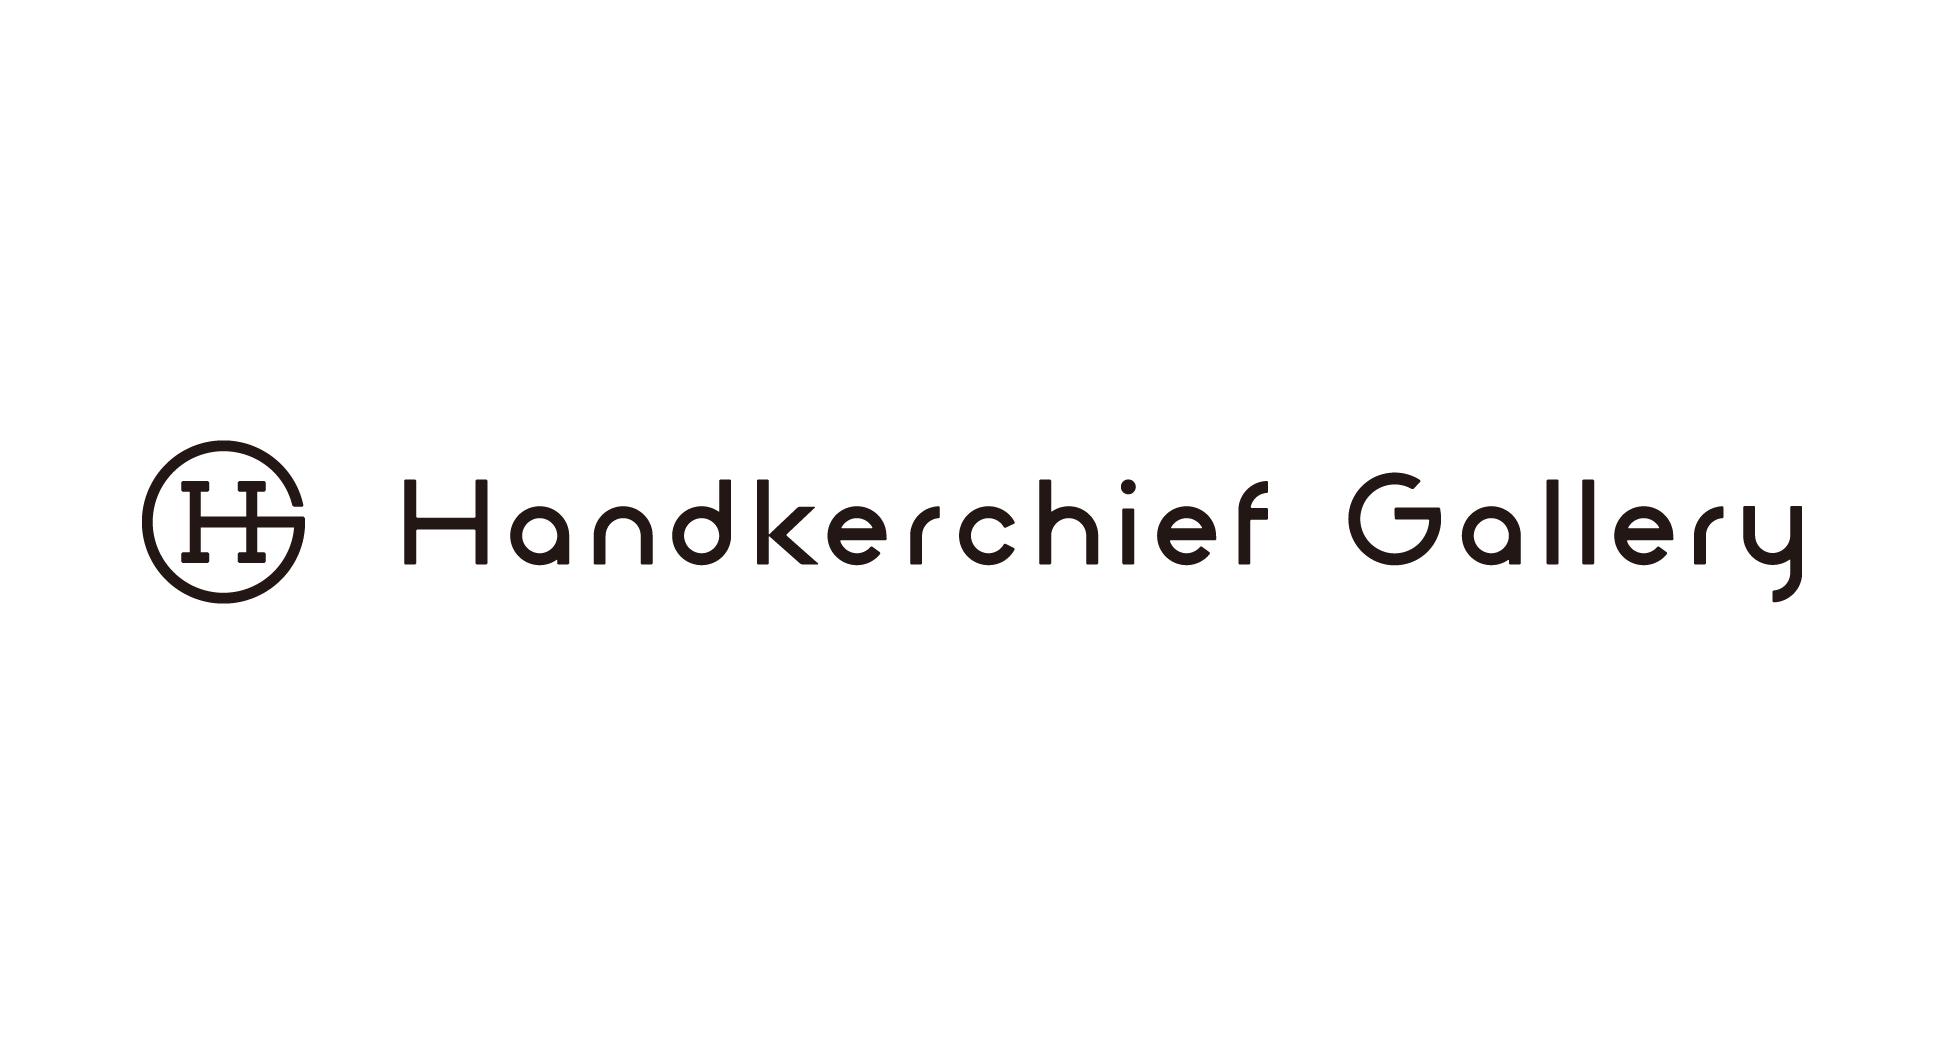 種類豊富なハンカチ専門店「ハンカチーフギャラリー」 Yahoo!ショッピングに新店オープン